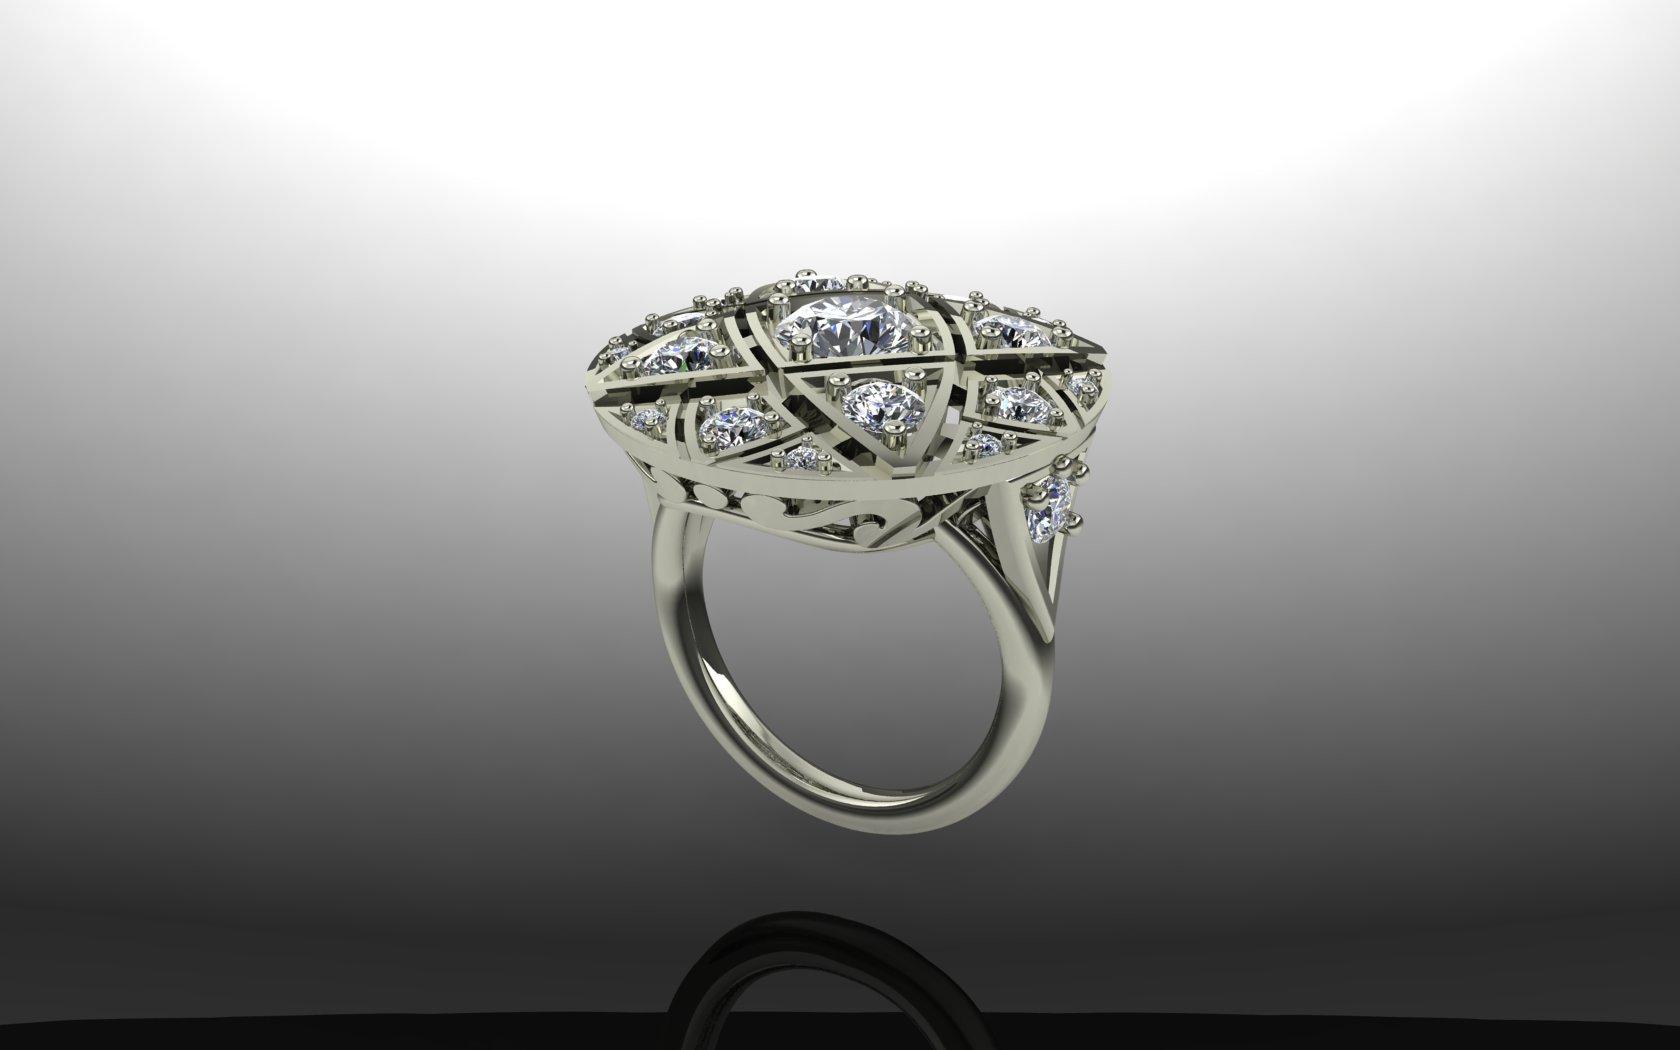 Circular Edwardian ring